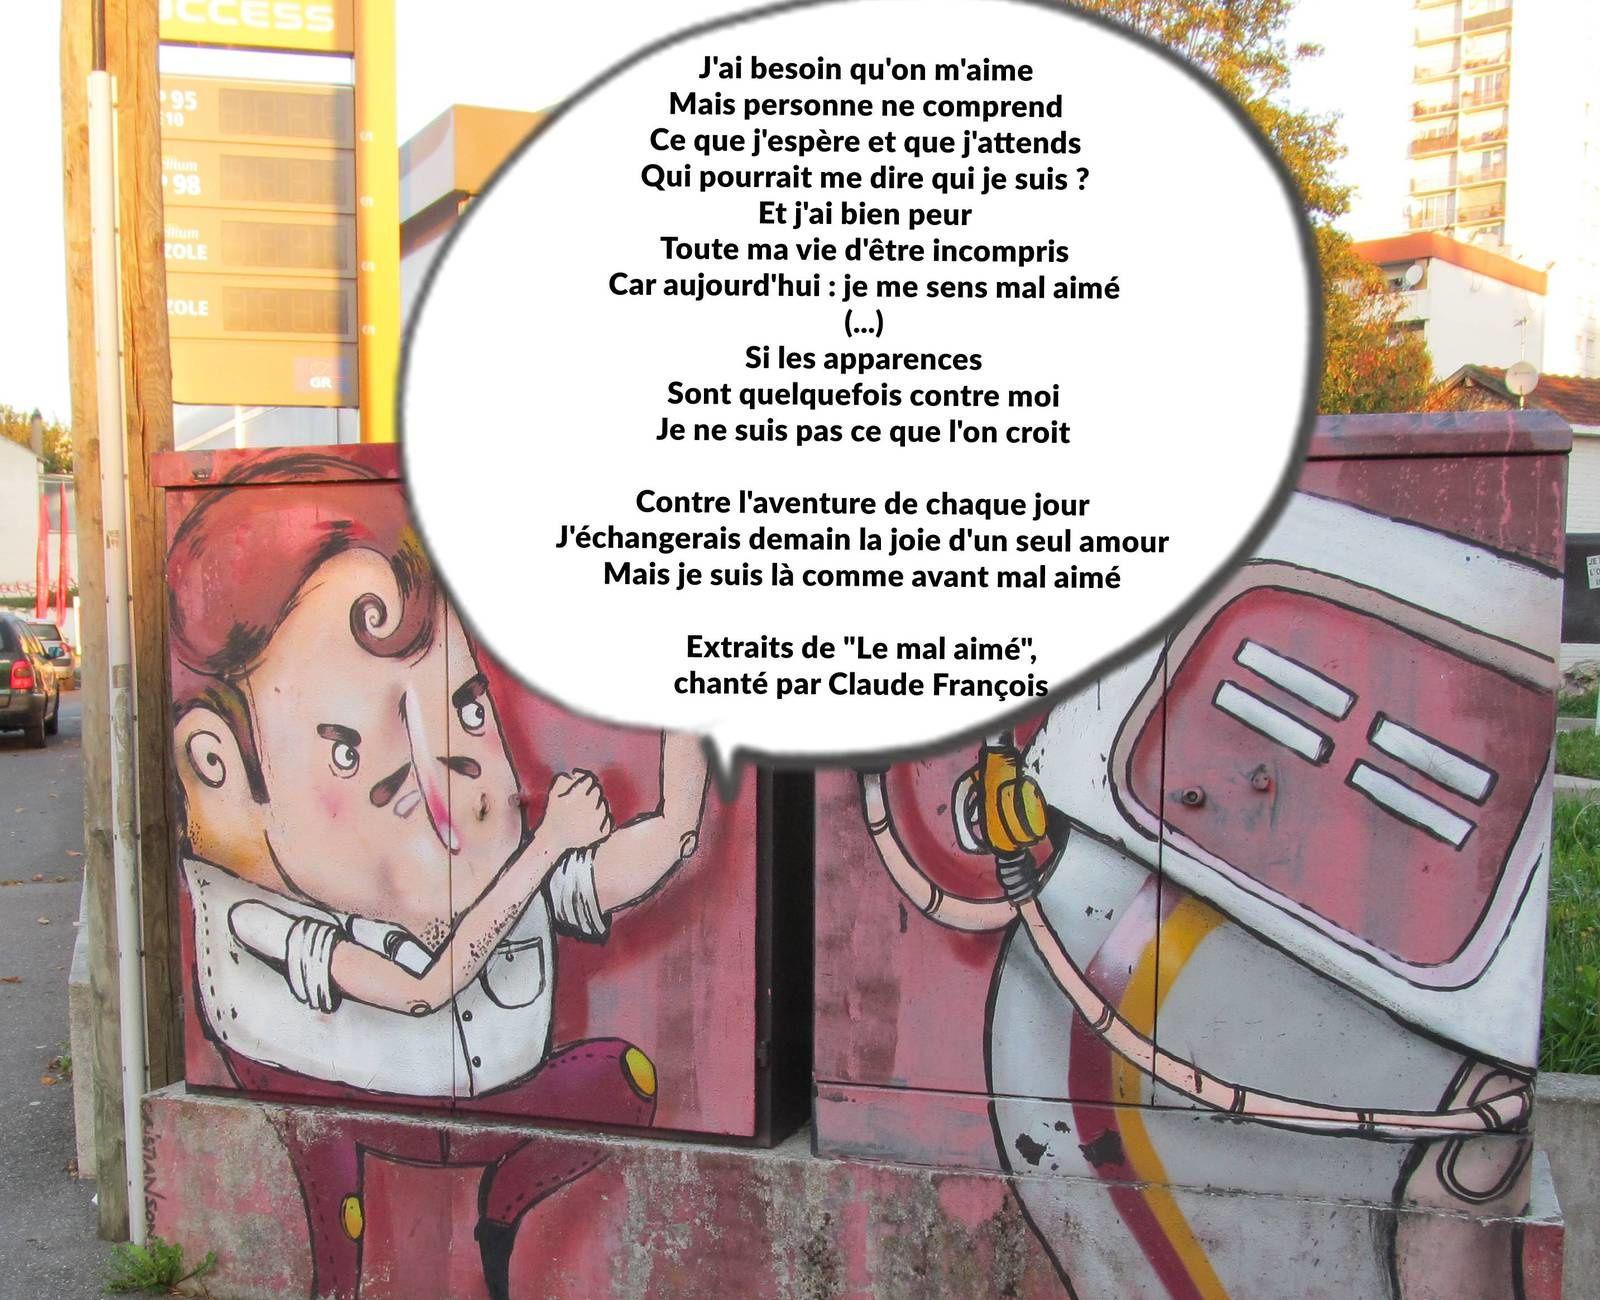 """(c) Vincent Gollain - extraits des paroles """"Le mal aimé"""" de Claude François"""